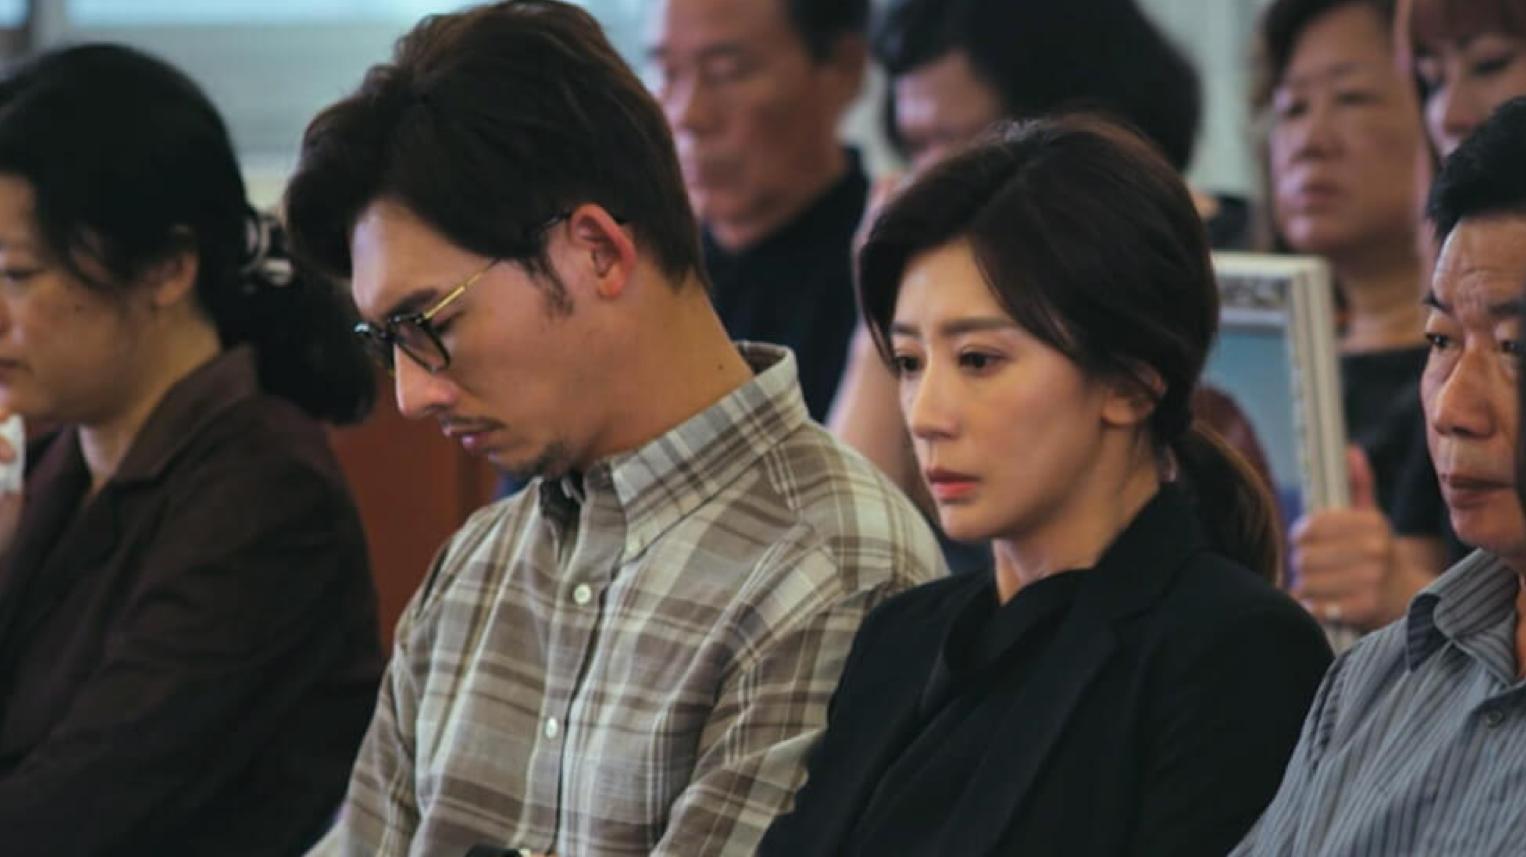 《我們與惡的距離 》台灣社會寫實影集  無差別殺人案的社會裡  誰是好人?誰是壞人? 故事劇情與角色介紹 首圖